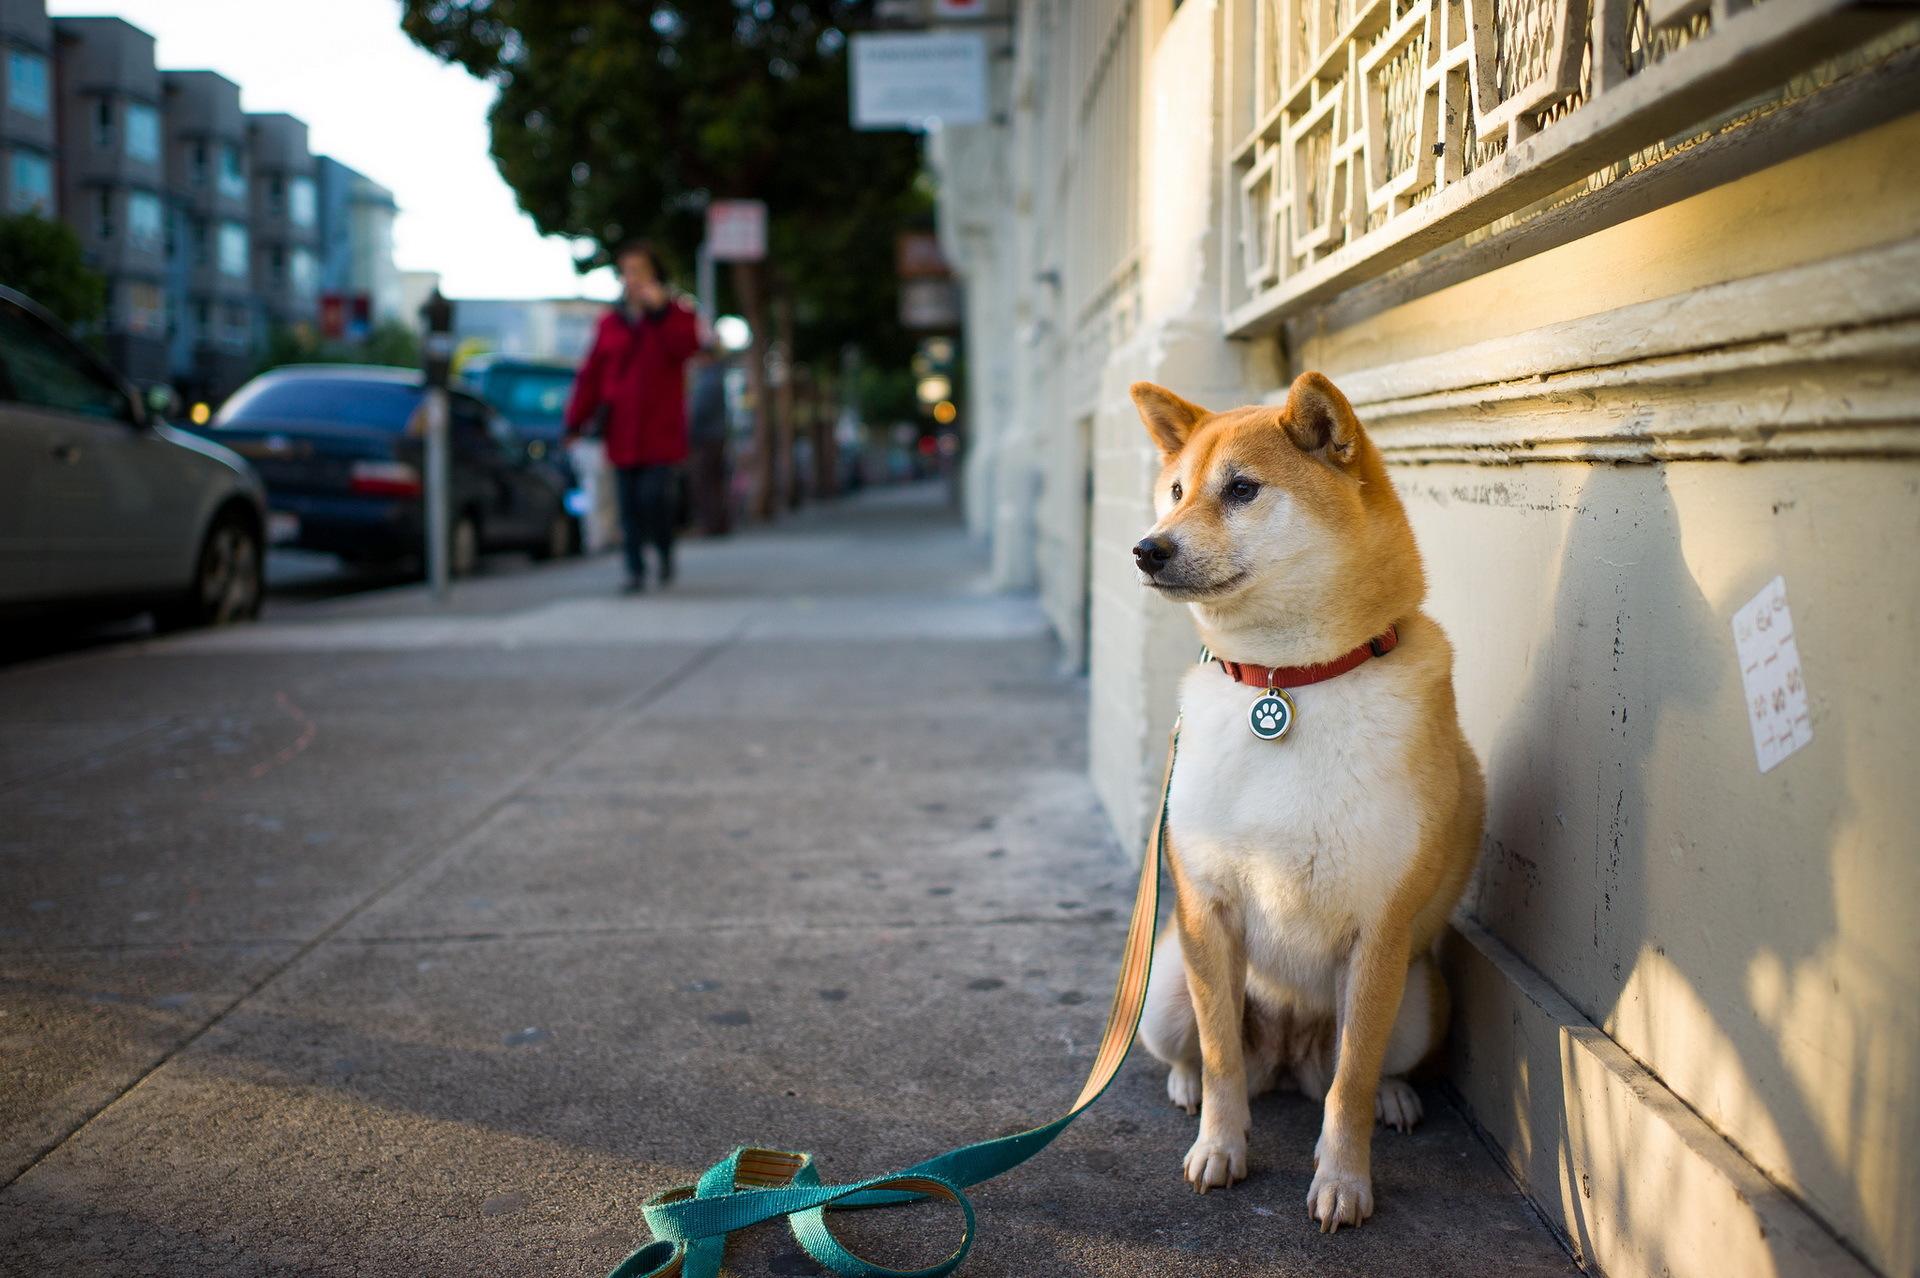 adiestrar-un-perro-a-sentarse-y-quedarse-quieto